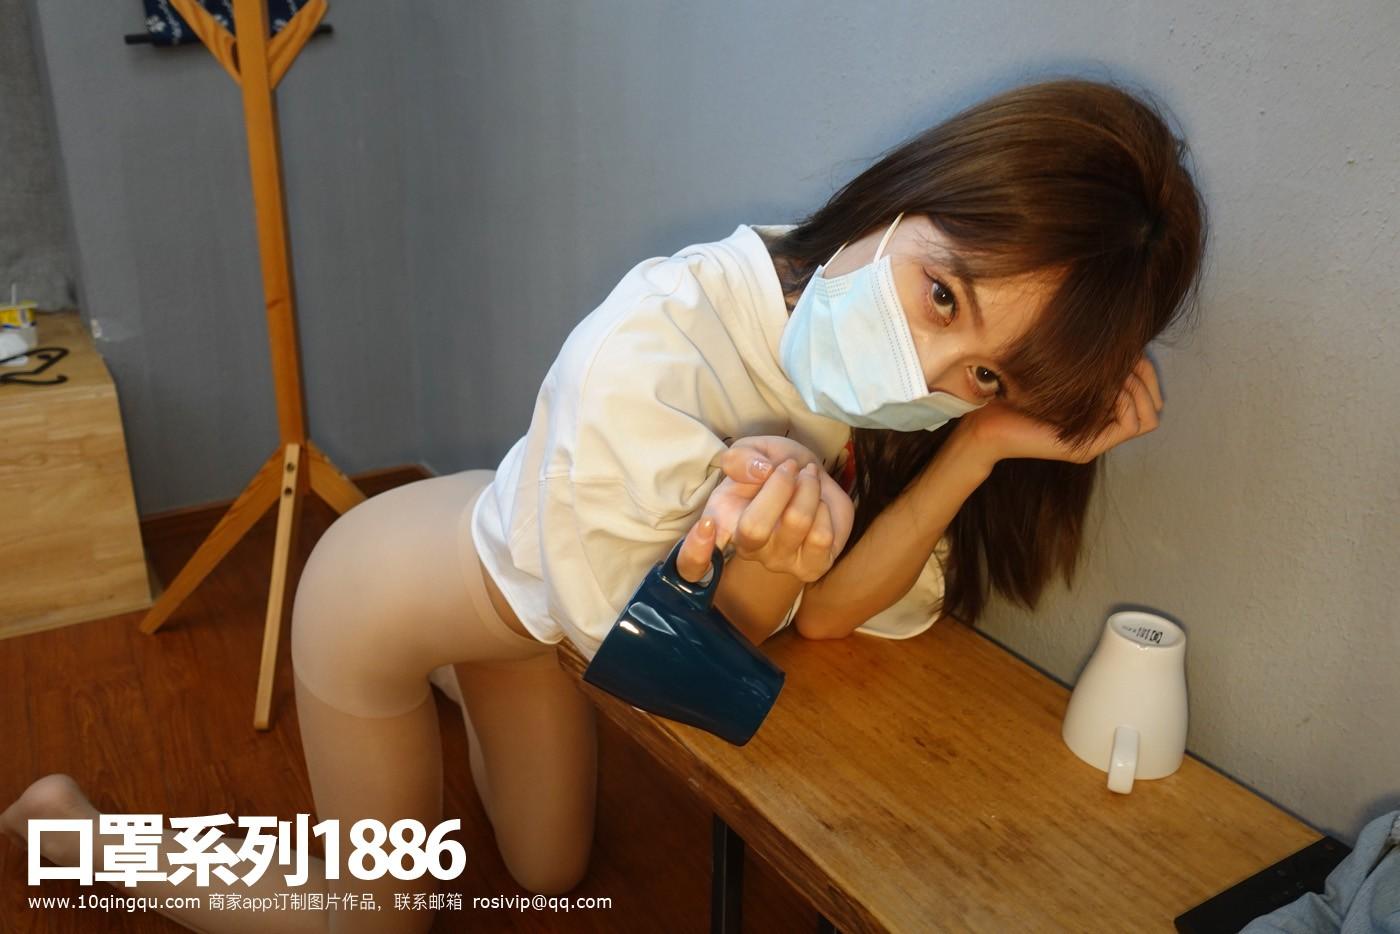 口罩系列1886套装 衣服+丝袜